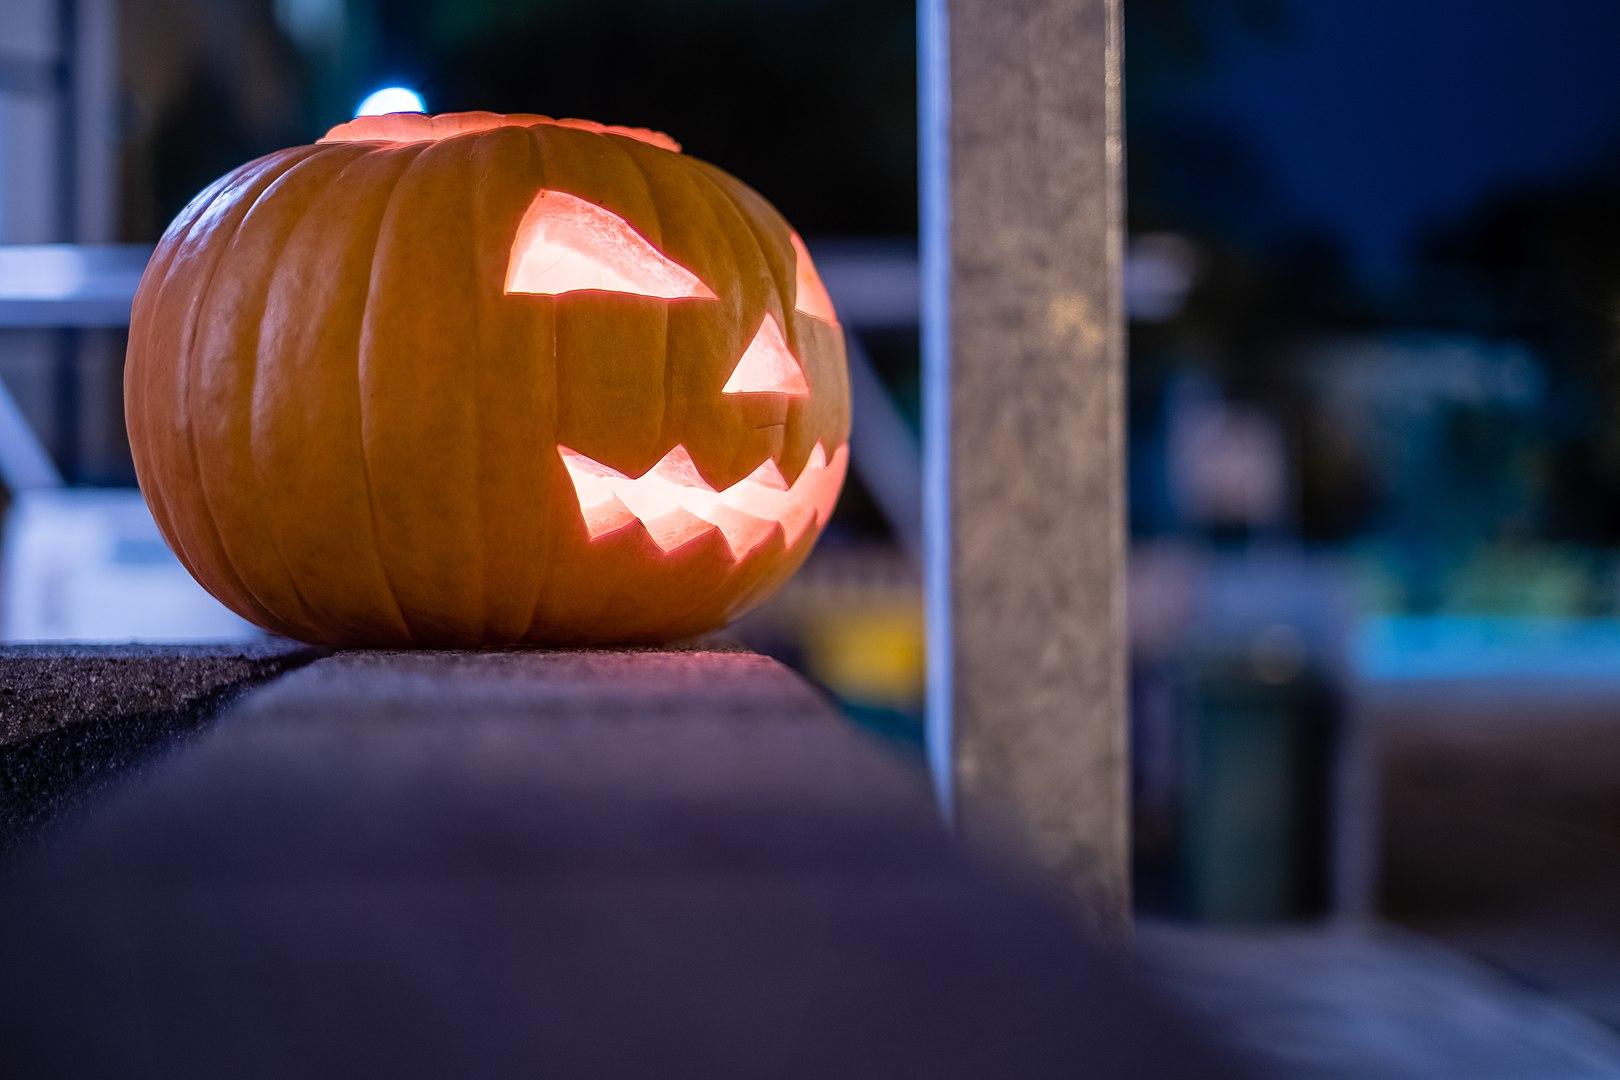 Drei Nächte nach Halloween - Sizilianische Sitten und Gebräuche